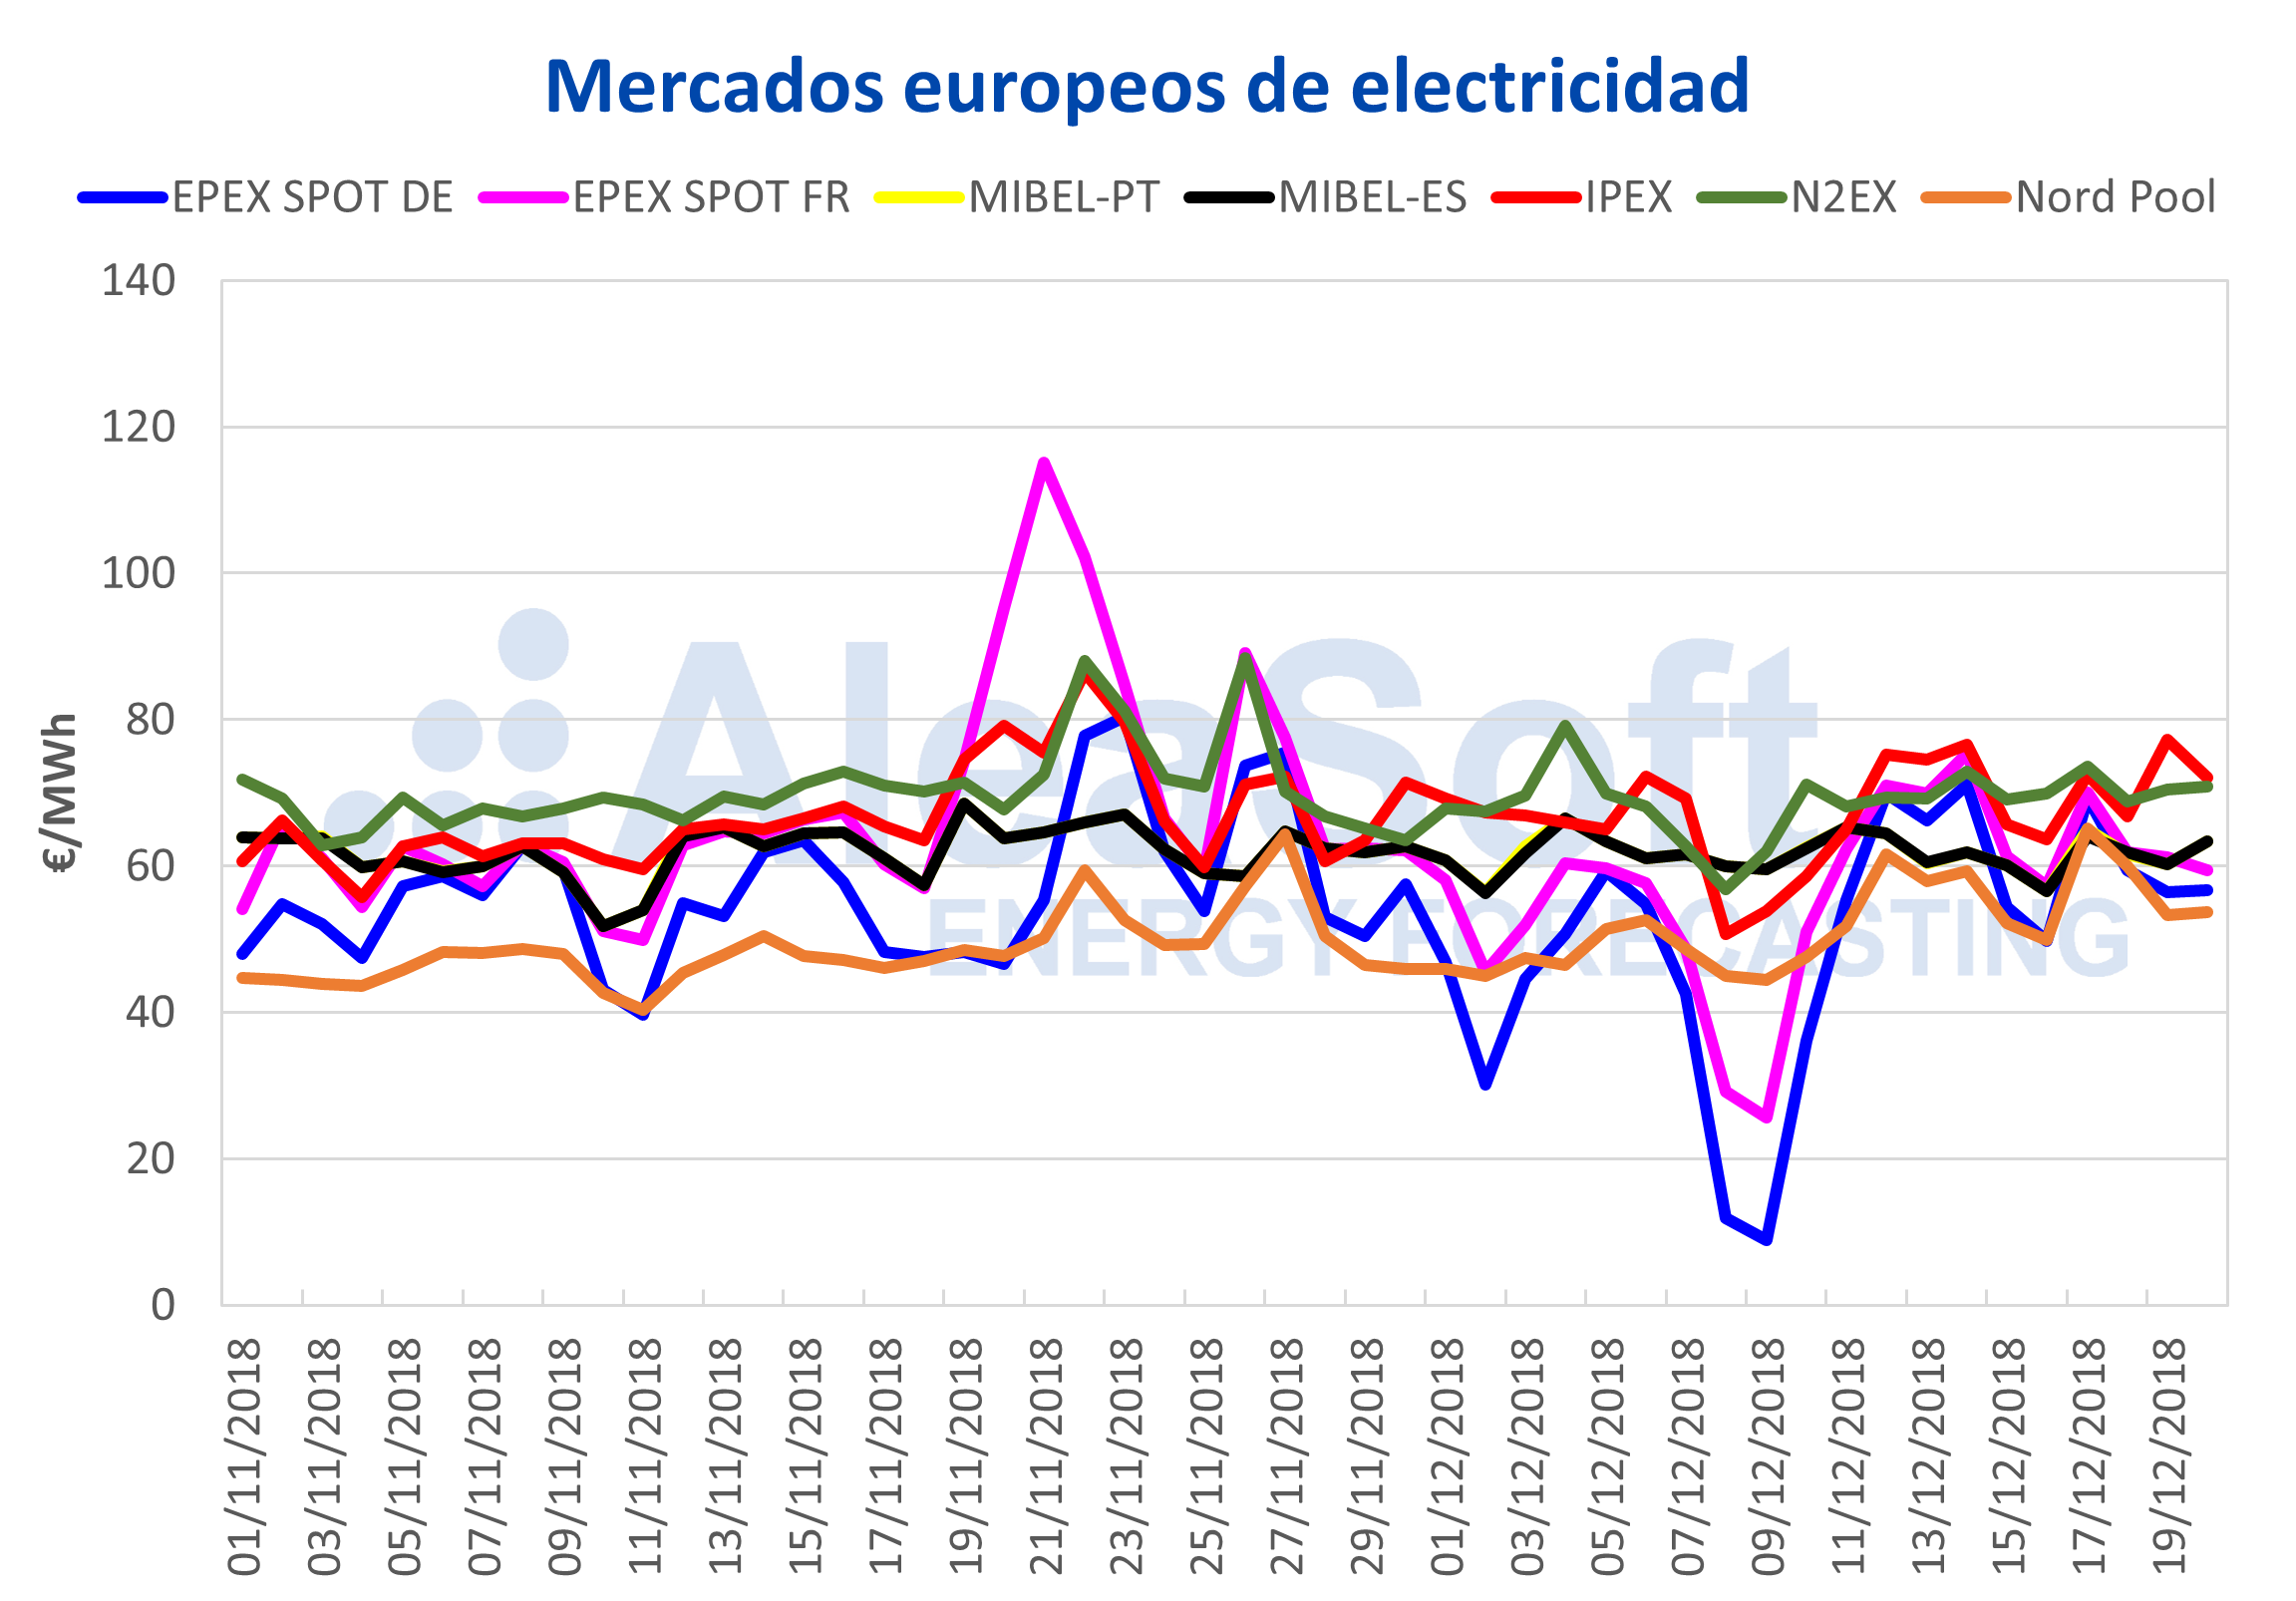 AleaSoft - Mercados europeos de electricidad